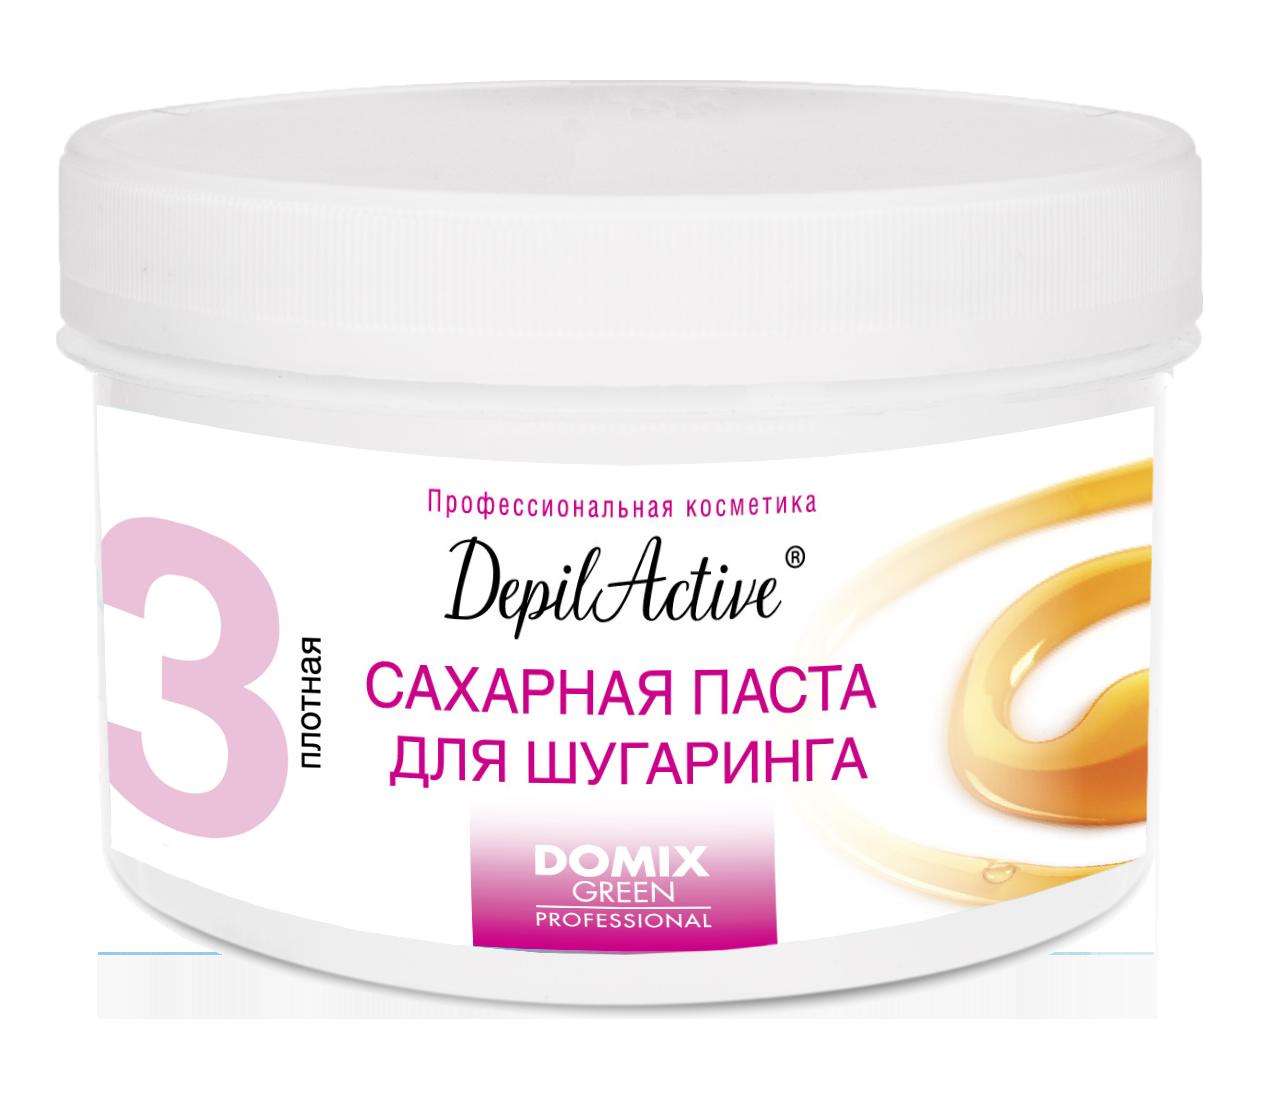 DOMIX Паста сахарная плотная для шугаринга / DepilActive DGP 650 г